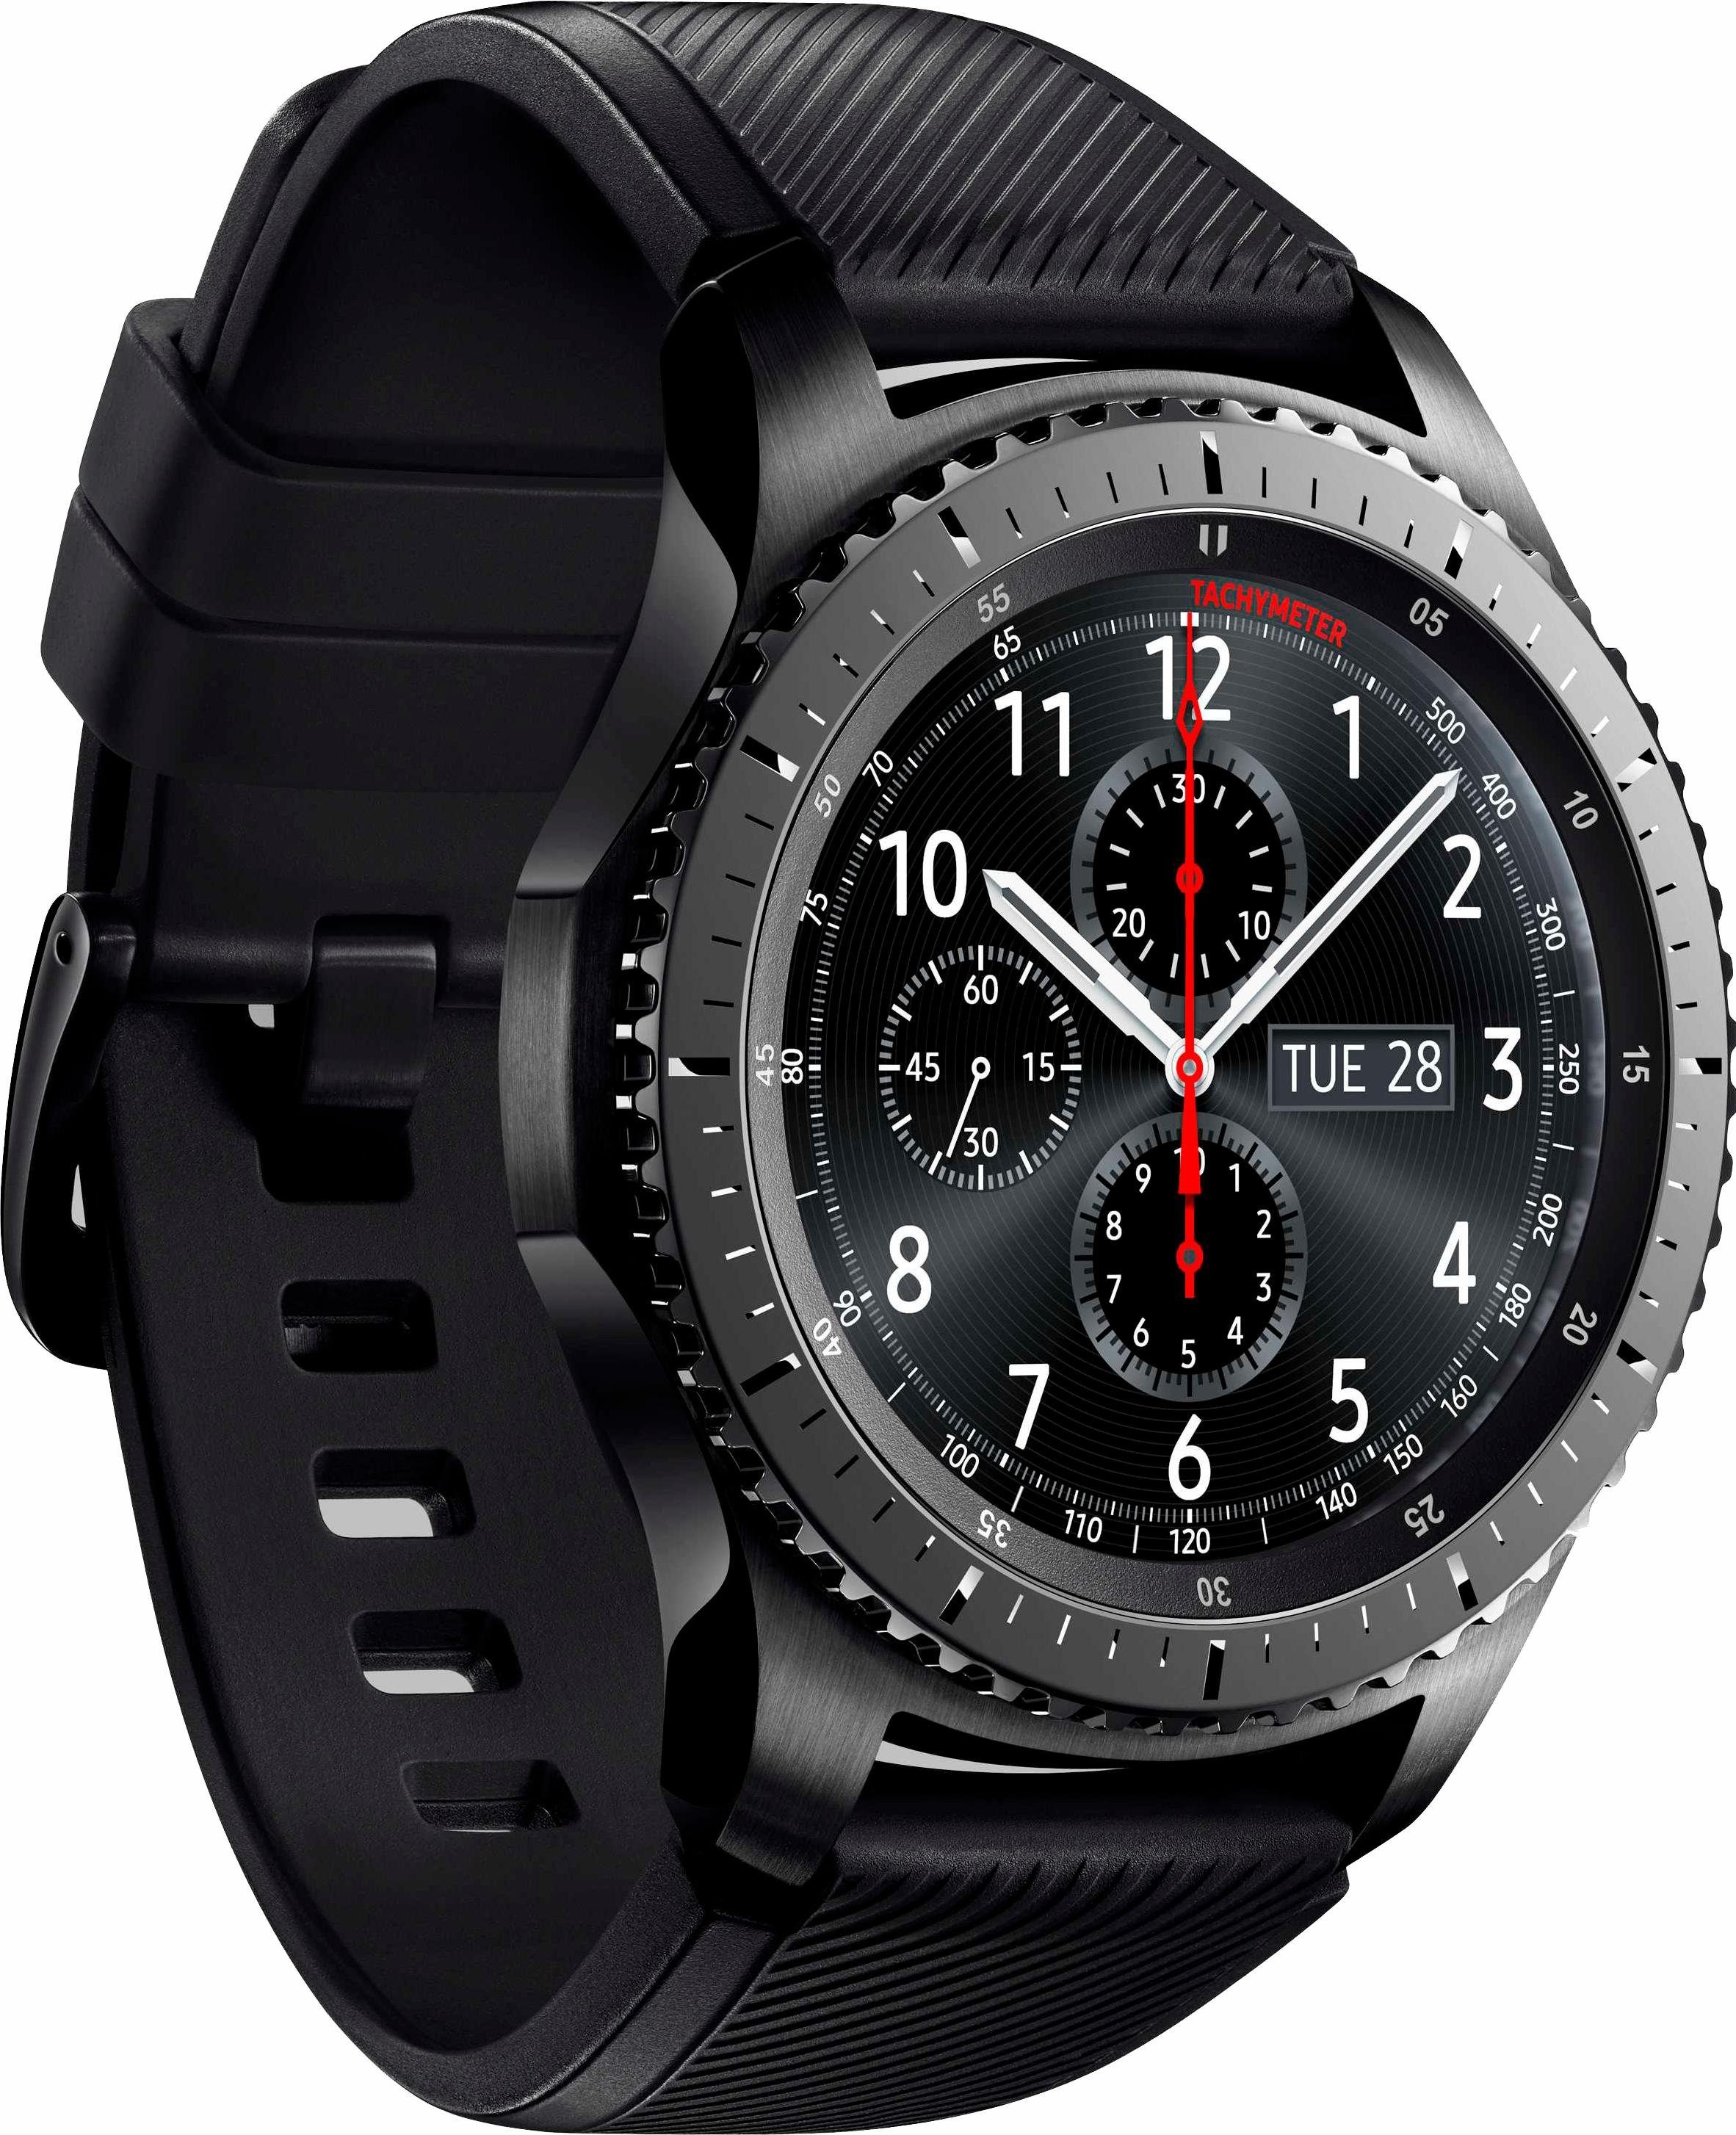 Samsung Gear S3 frontier Smartwatch (3,3 cm/1,3 Zoll, Tizen OS)